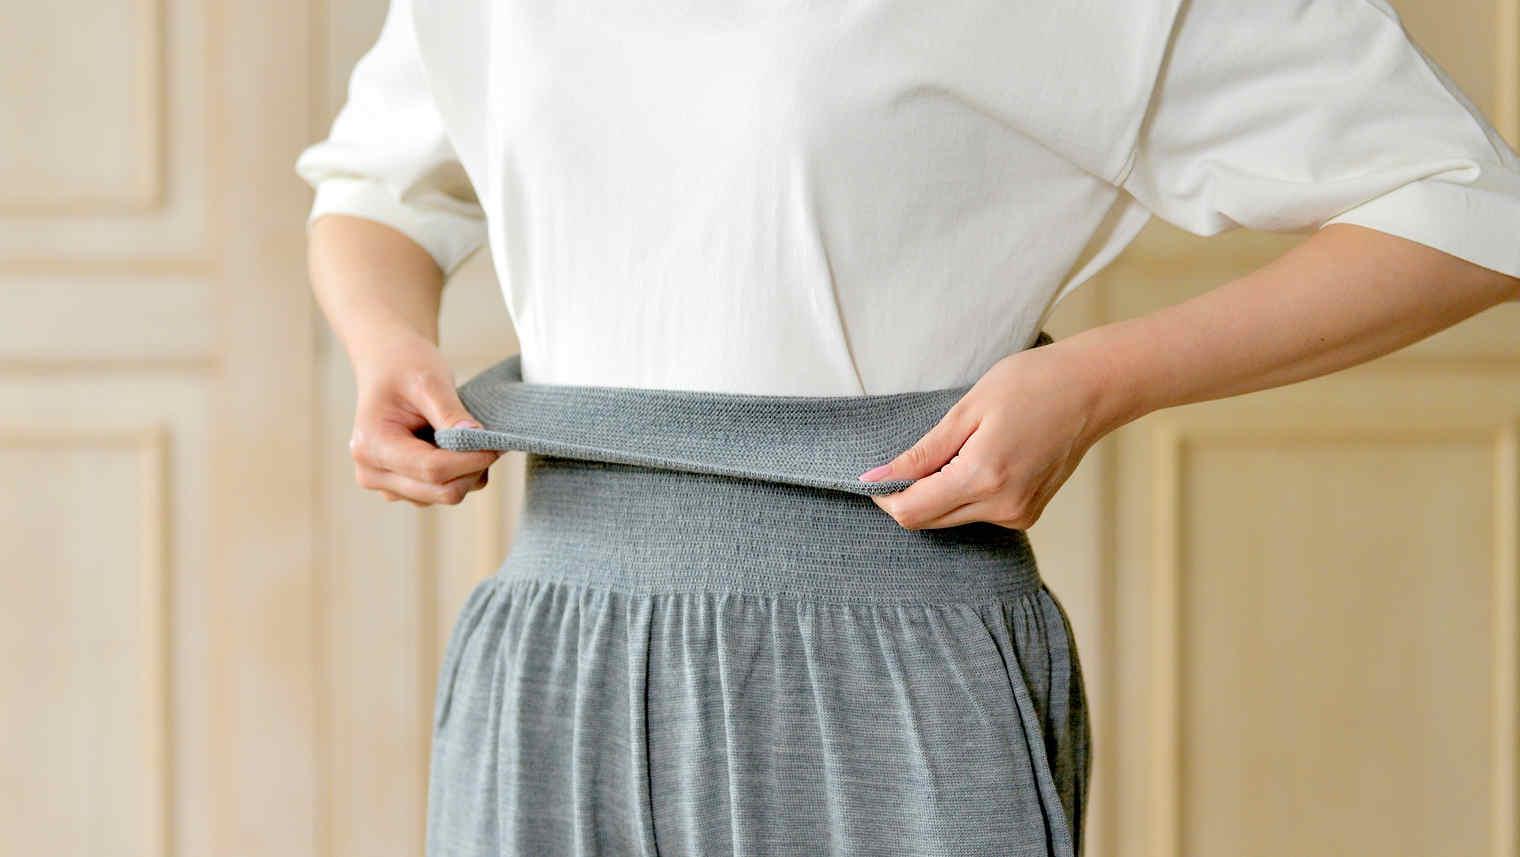 おなかをつつむ のびるニットパンツ レギュラータイプ 洗濯機で洗えるウール ポケット付き